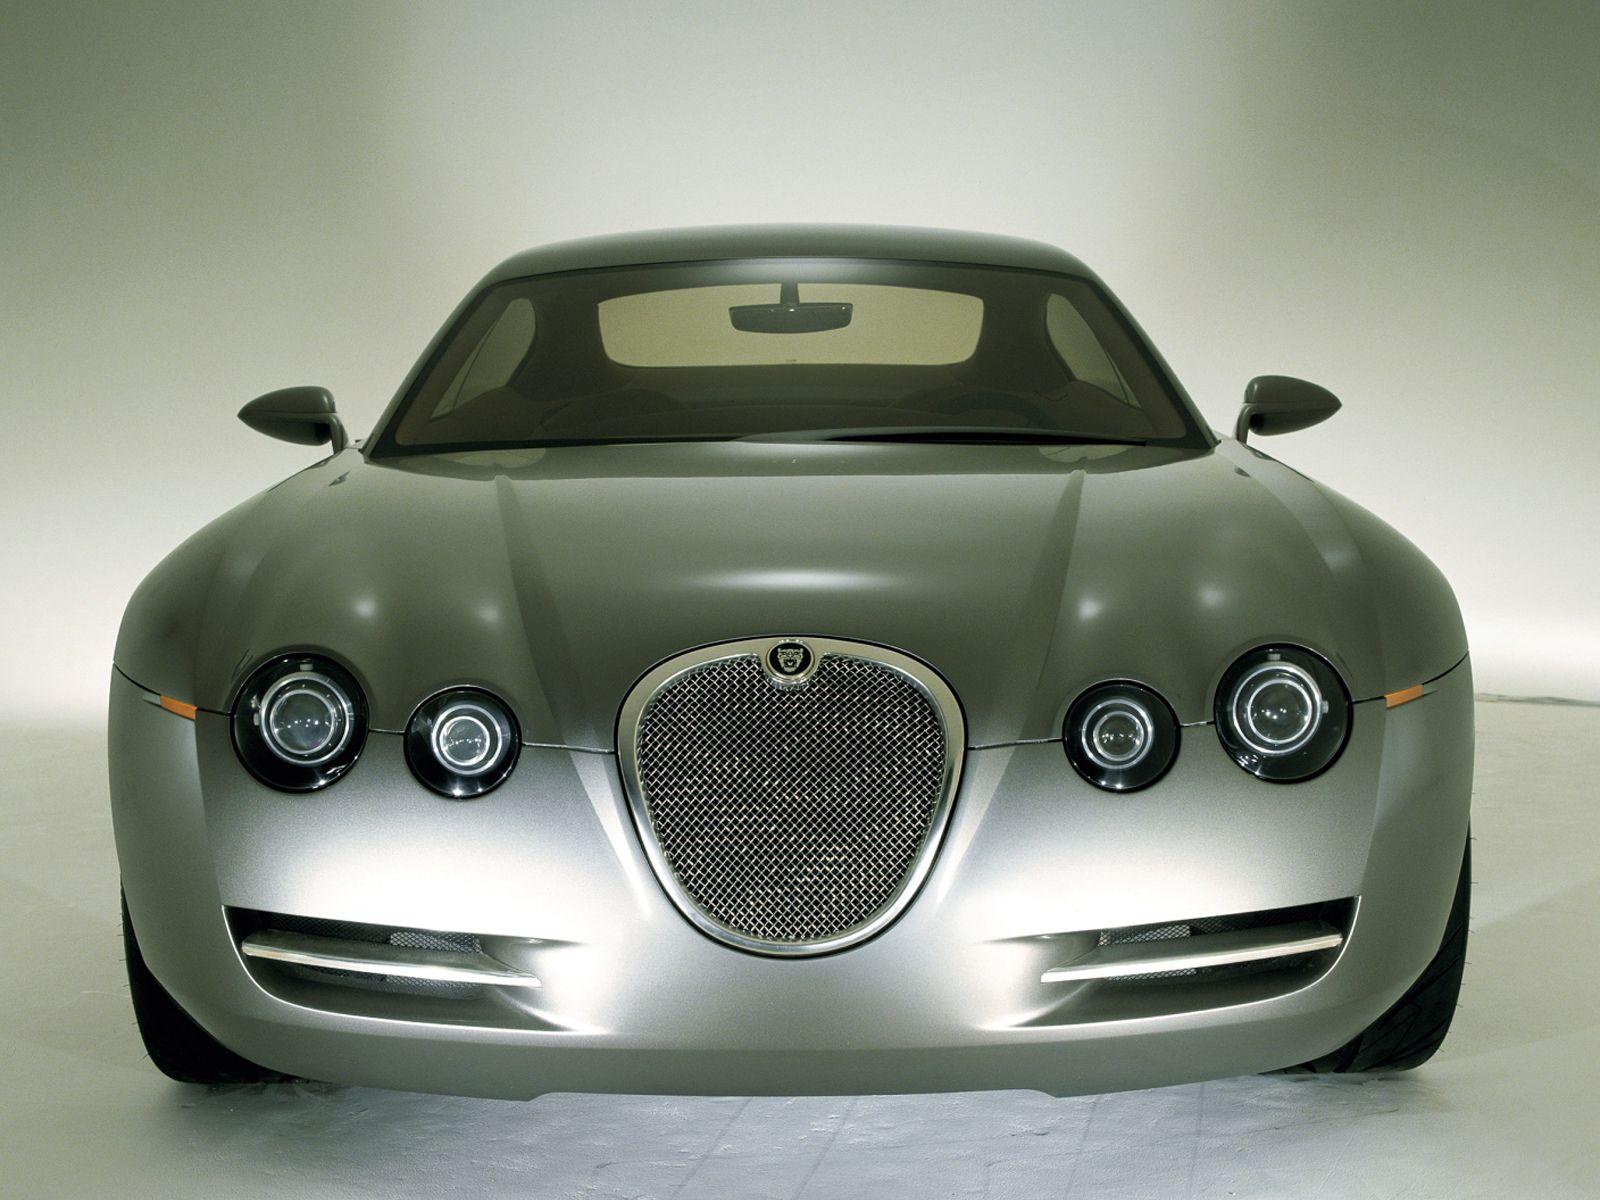 Jaguar R Coupe Concept 2001 Old Concept Cars